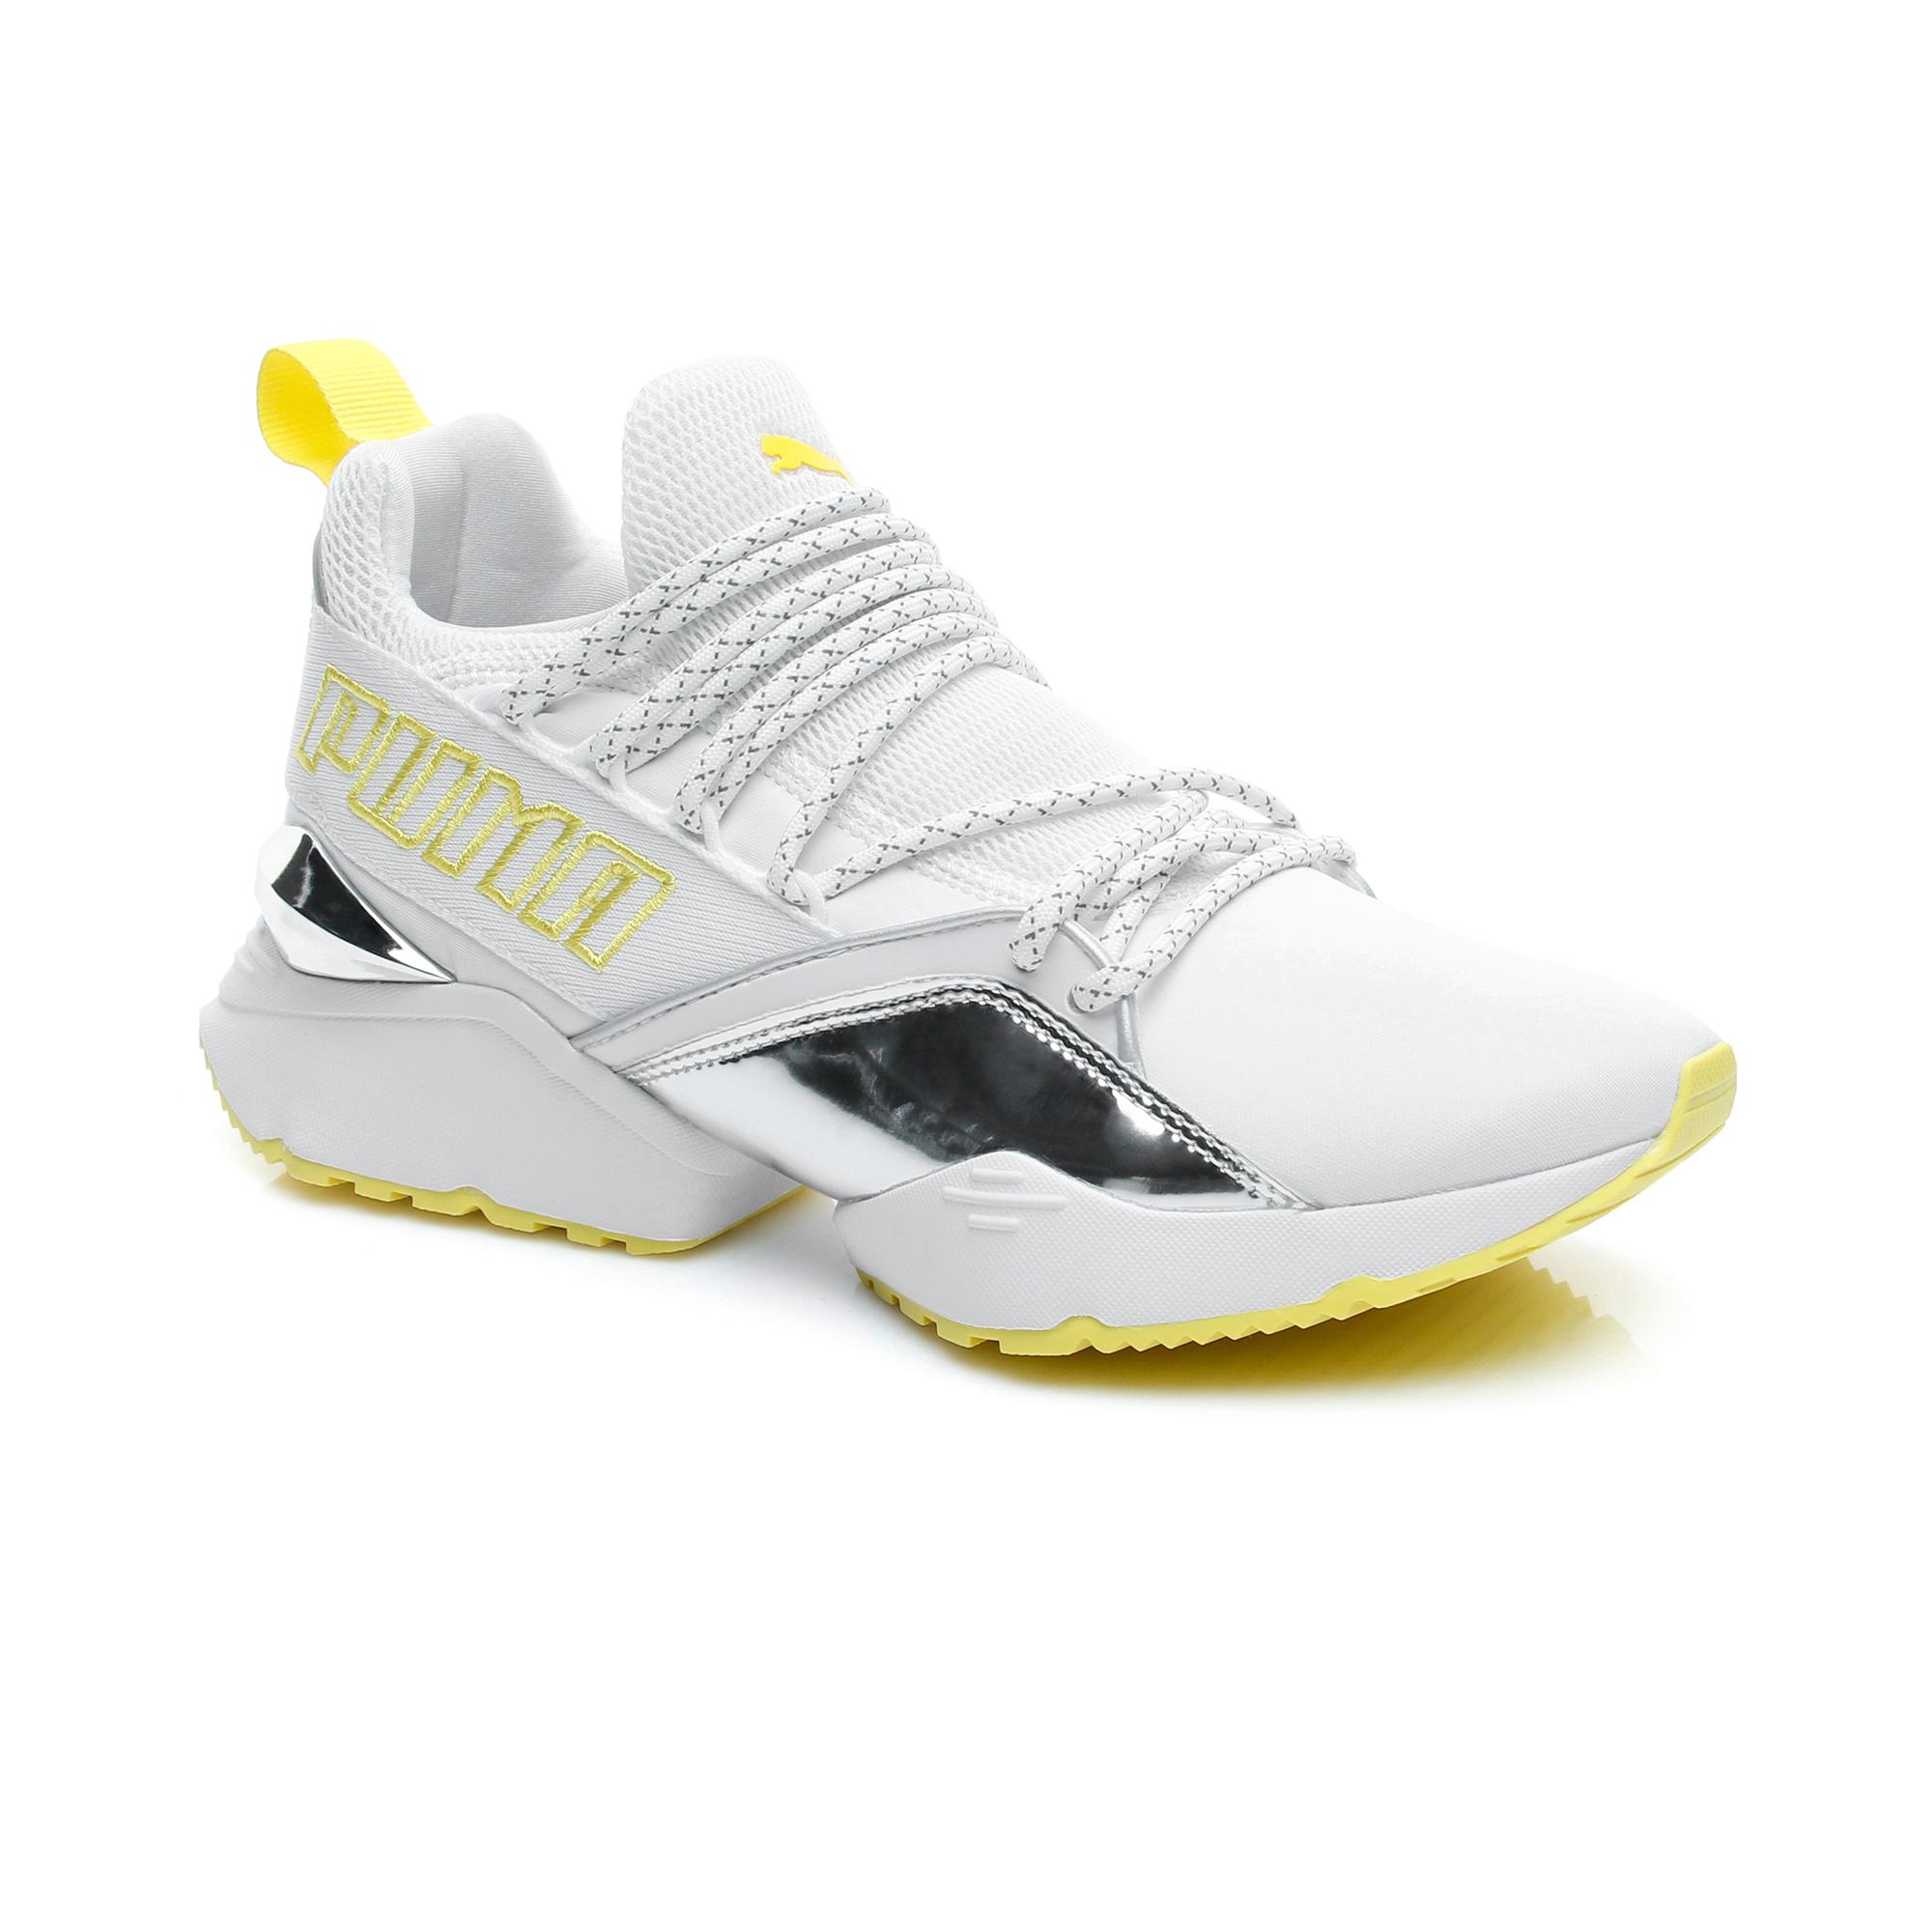 Puma Muse Maia Tz Metallic Kadın Beyaz Spor Ayakkabı.369492.01